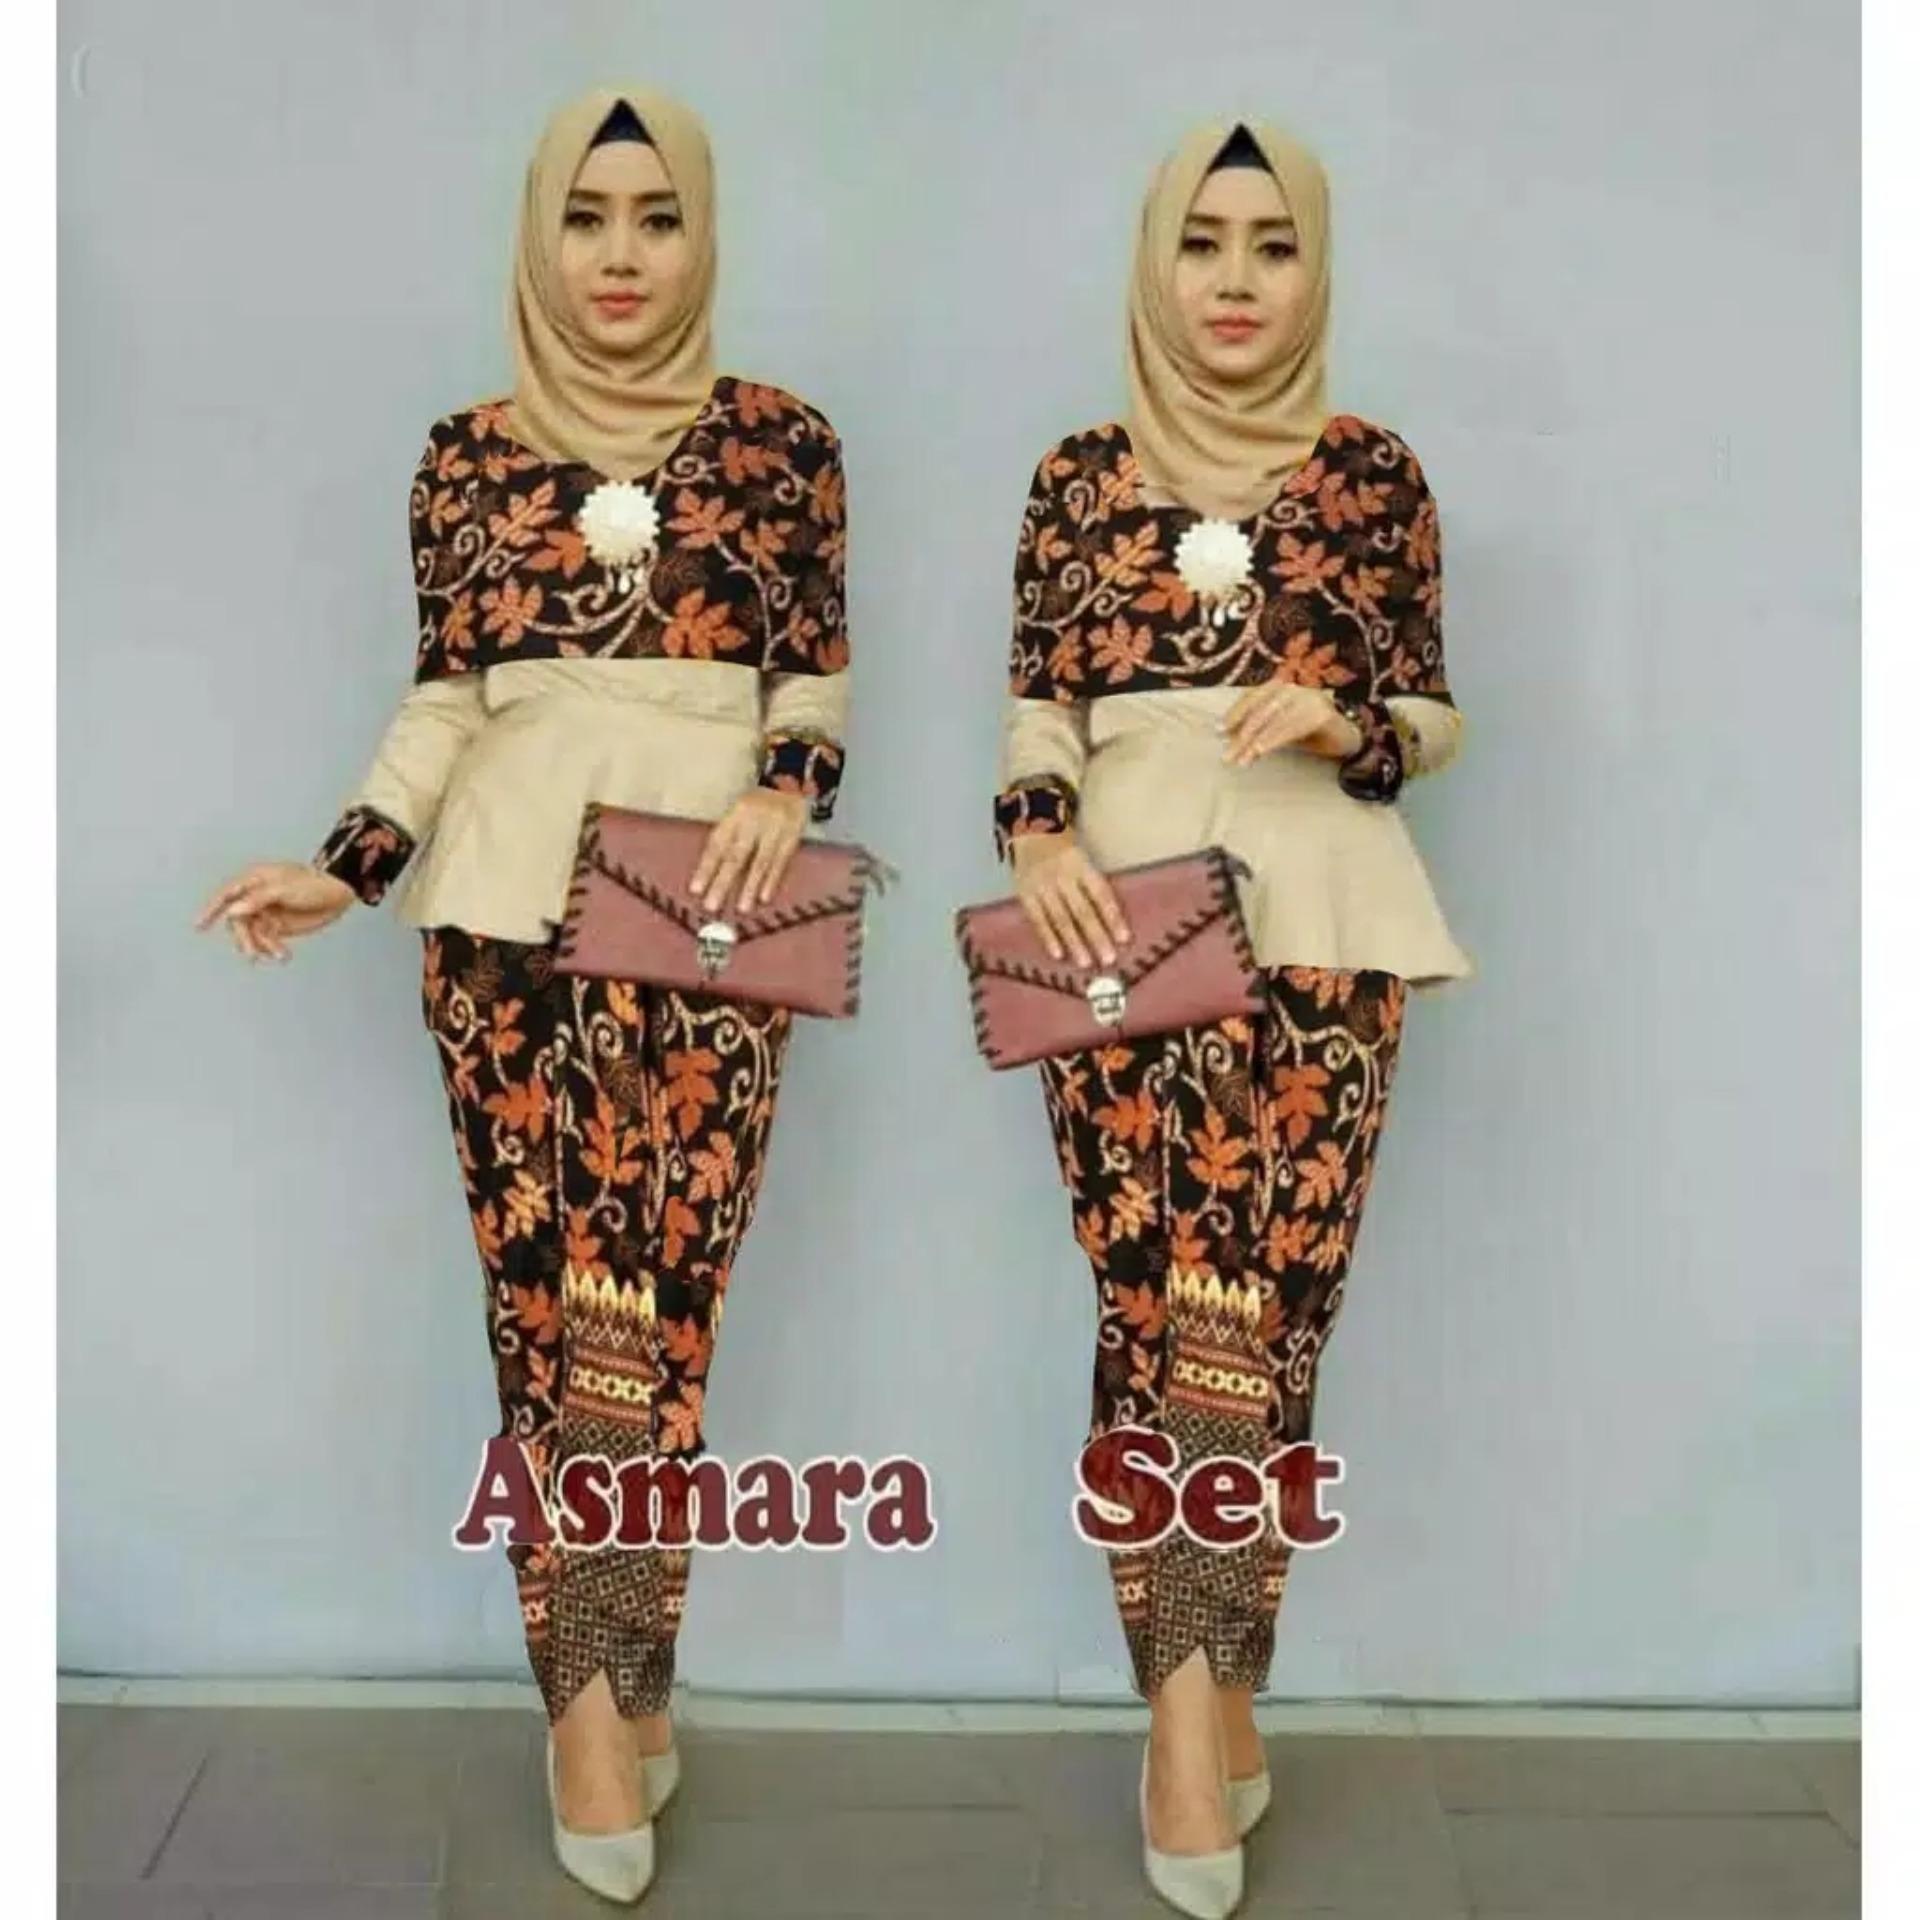 Jakarta Mall - Setelan Baju Tradisional / Baju Batik /  Atasan dan Bawahan / Kebaya Modern / Baju Murah / Batik Wanita / Baju Wanita / Batik / Kutu Baru / Murah; Motif dan Warna Real Photo #Ukuran S, M, L dan XL